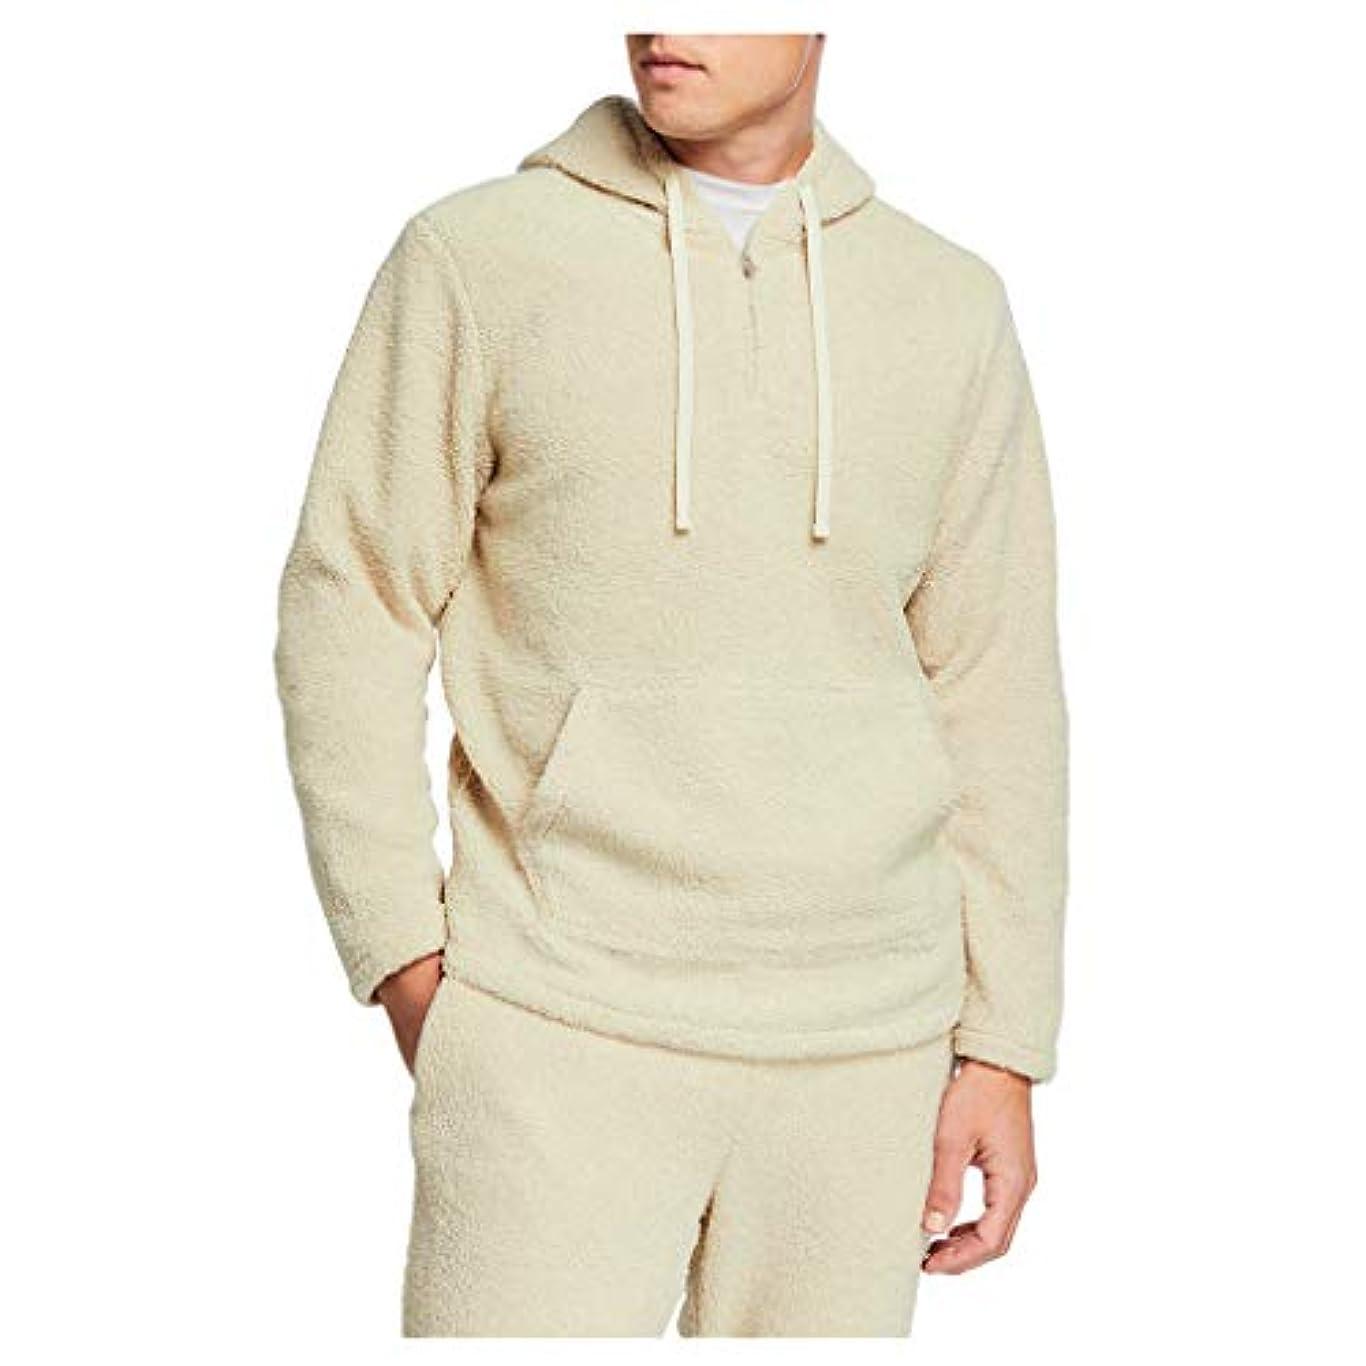 印刷する赤ちゃん誰もハイネック セーター 韓国 ファッション 冬 長袖 メンズ メンズ セーター クルーネック ニットセーター グラデーション カットソー トップス カジュアル 無地 丸首 ストリート アウトドア ゆったり 中厚